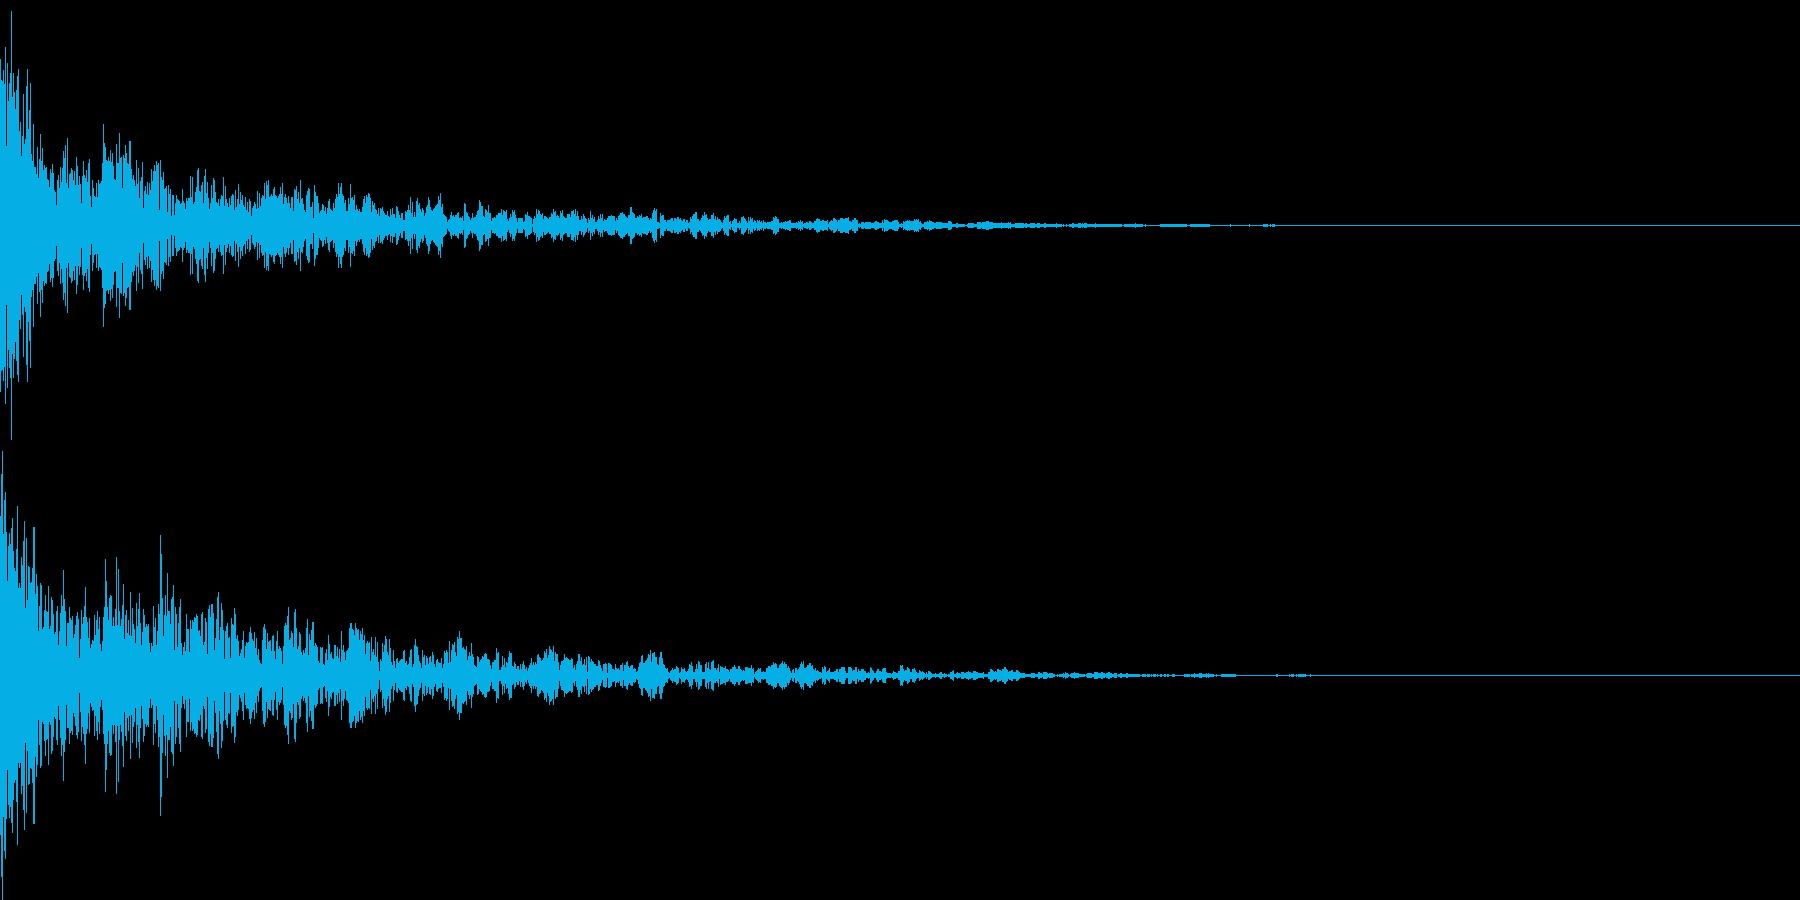 ドーン-44-2(インパクト音)の再生済みの波形